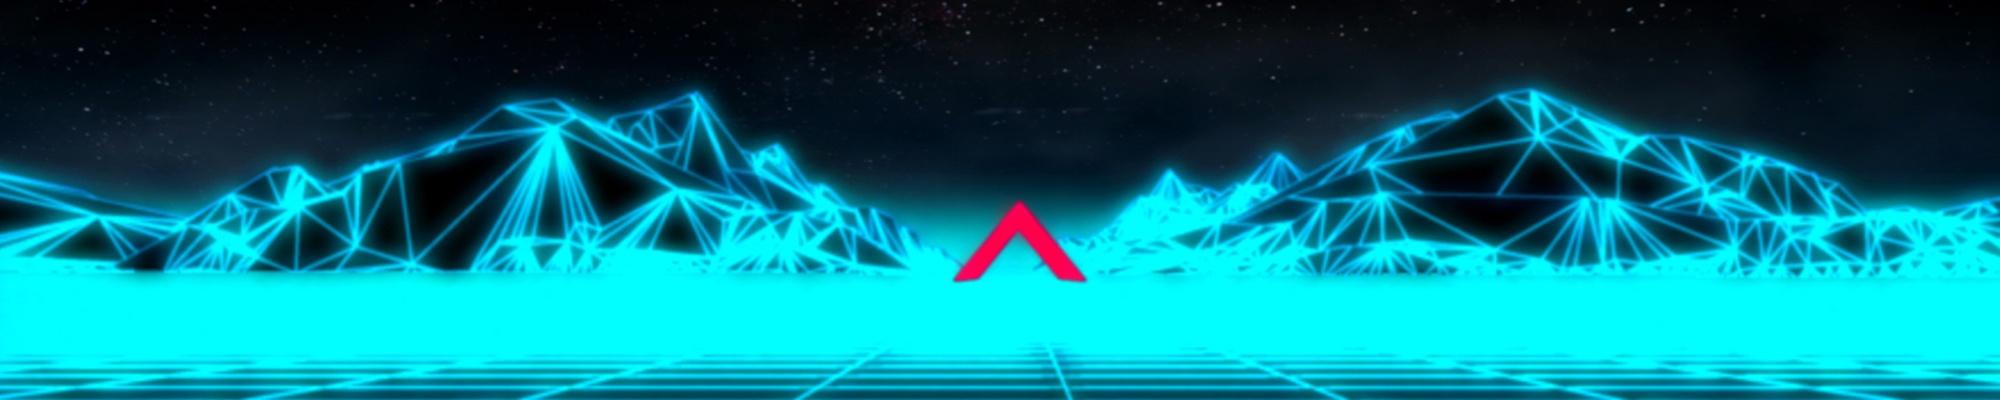 cityofpyramids Cover